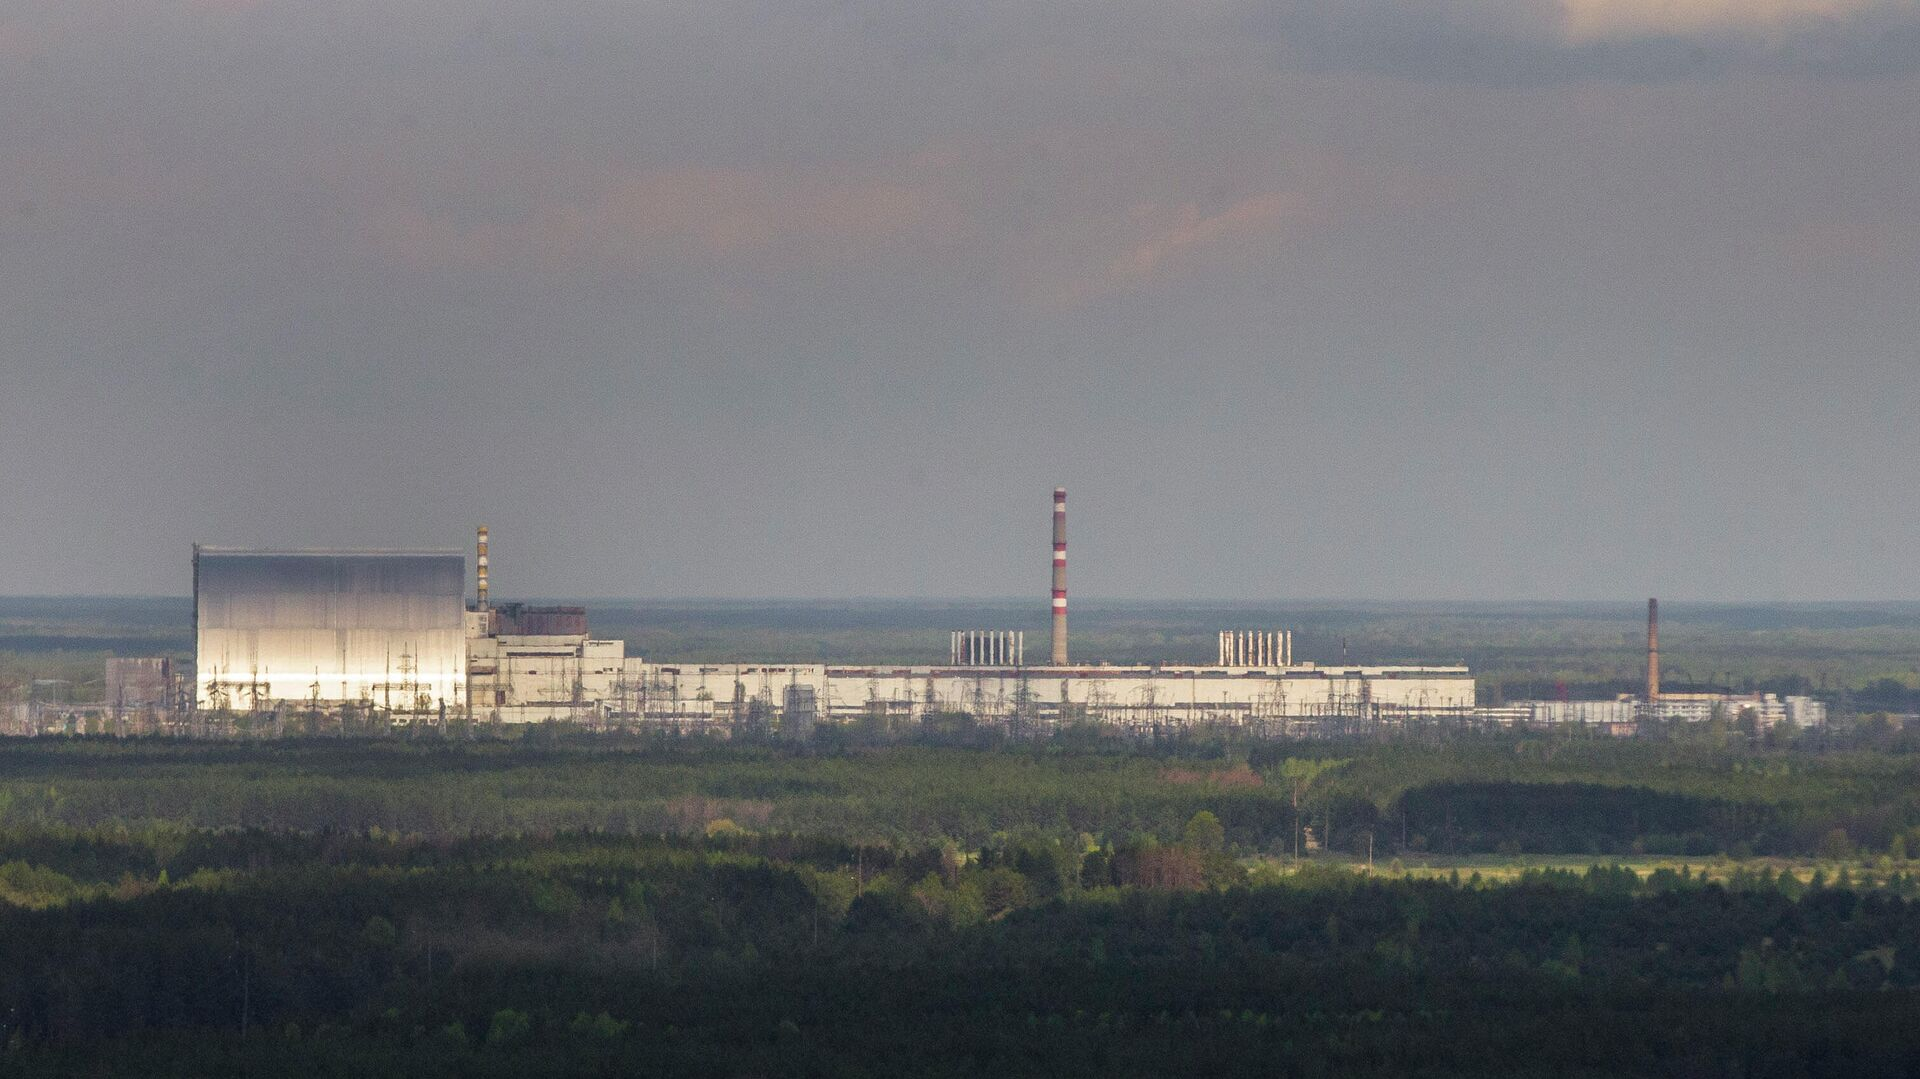 Atomkraftwerk Tschernobyl. Archivfoto - SNA, 1920, 15.09.2021